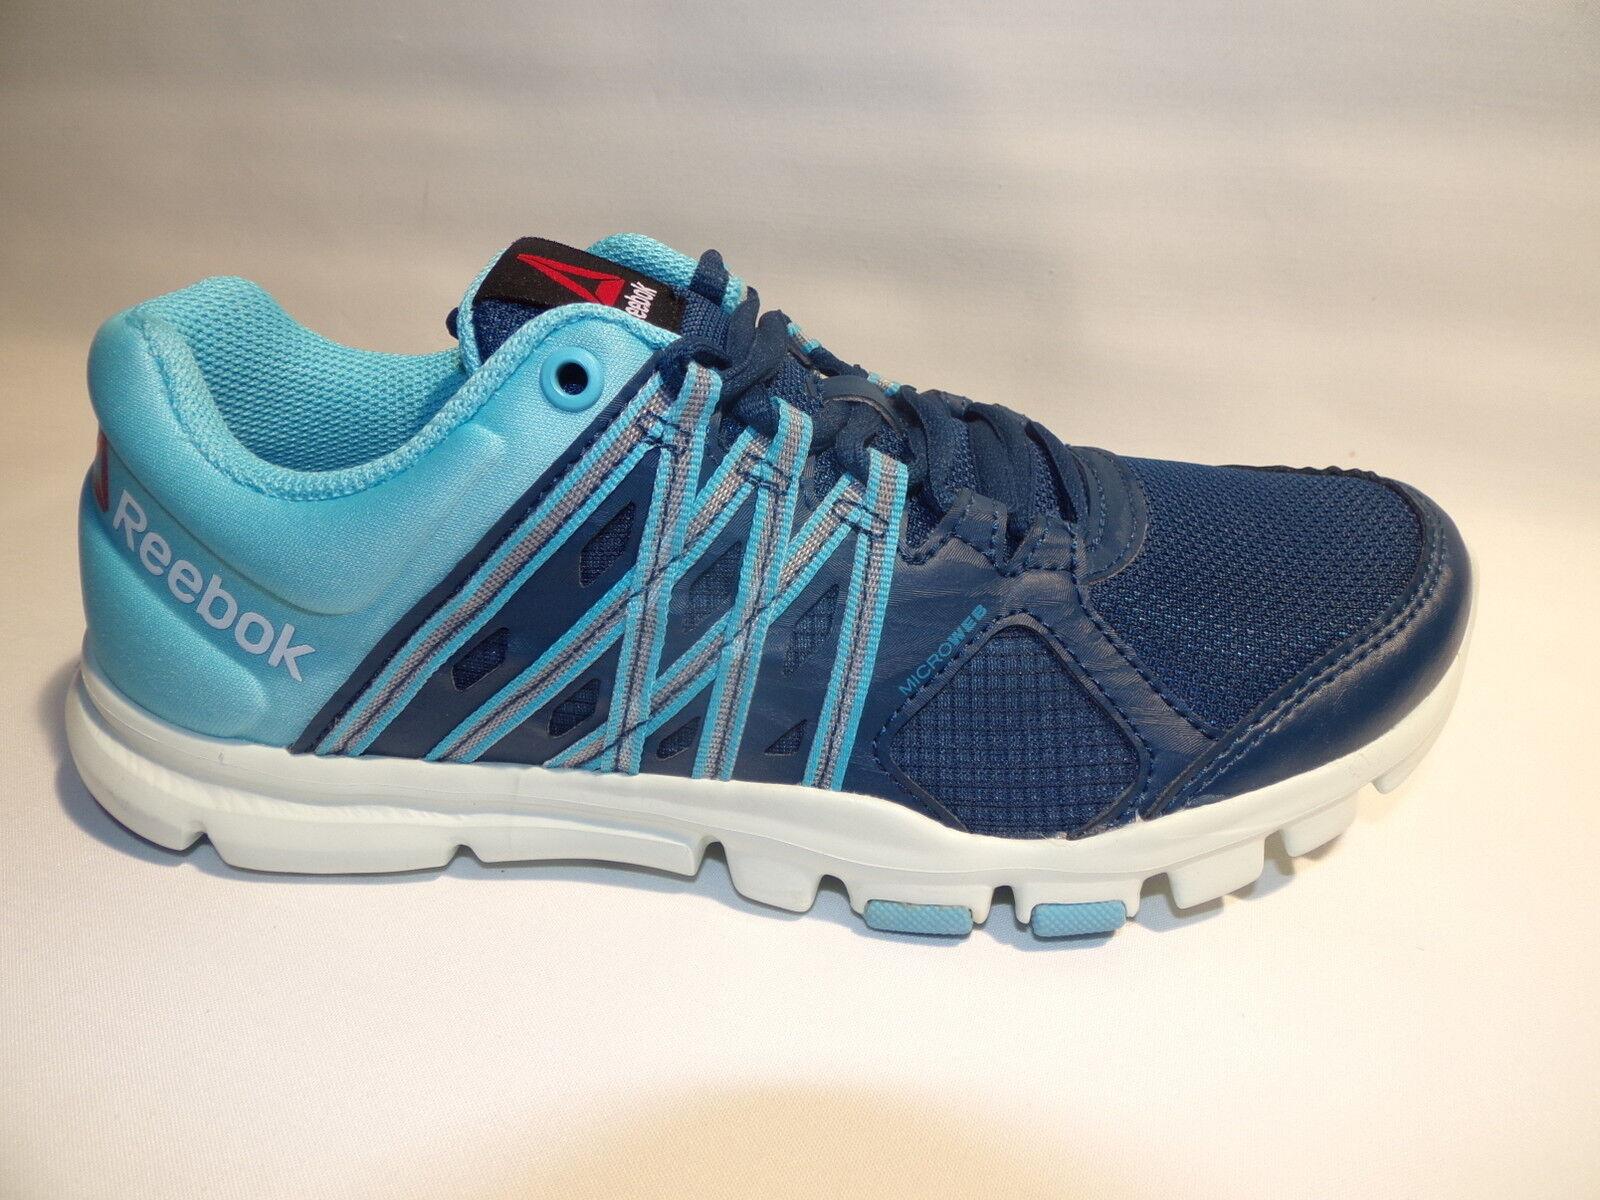 REEBOK YOURFLEX TRAINETTE 8.0 Blau  AR3217   Damen Sneaker Laufschuhe